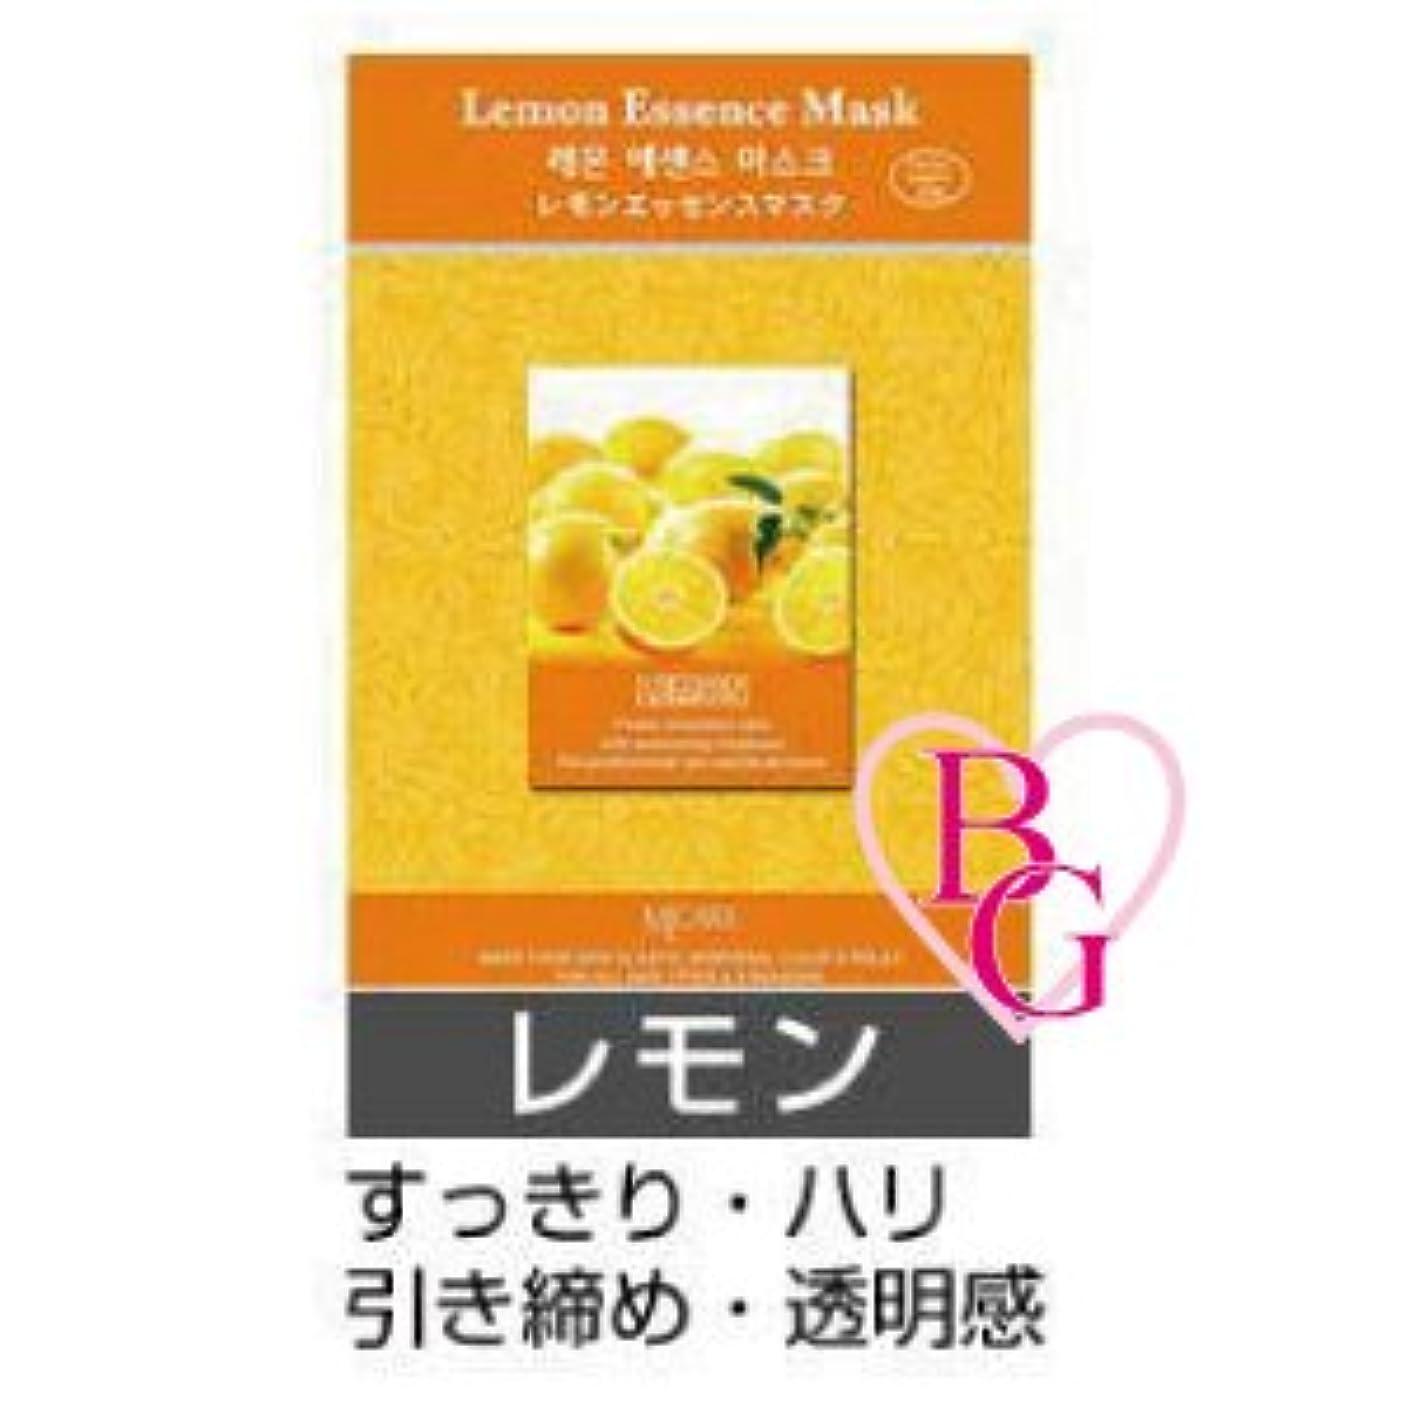 パスタ主流窒息させるフェイスパック レモン 韓国コスメ MIJIN(ミジン)コスメ 口コミ ランキング No1 おすすめ シートマスク 10枚